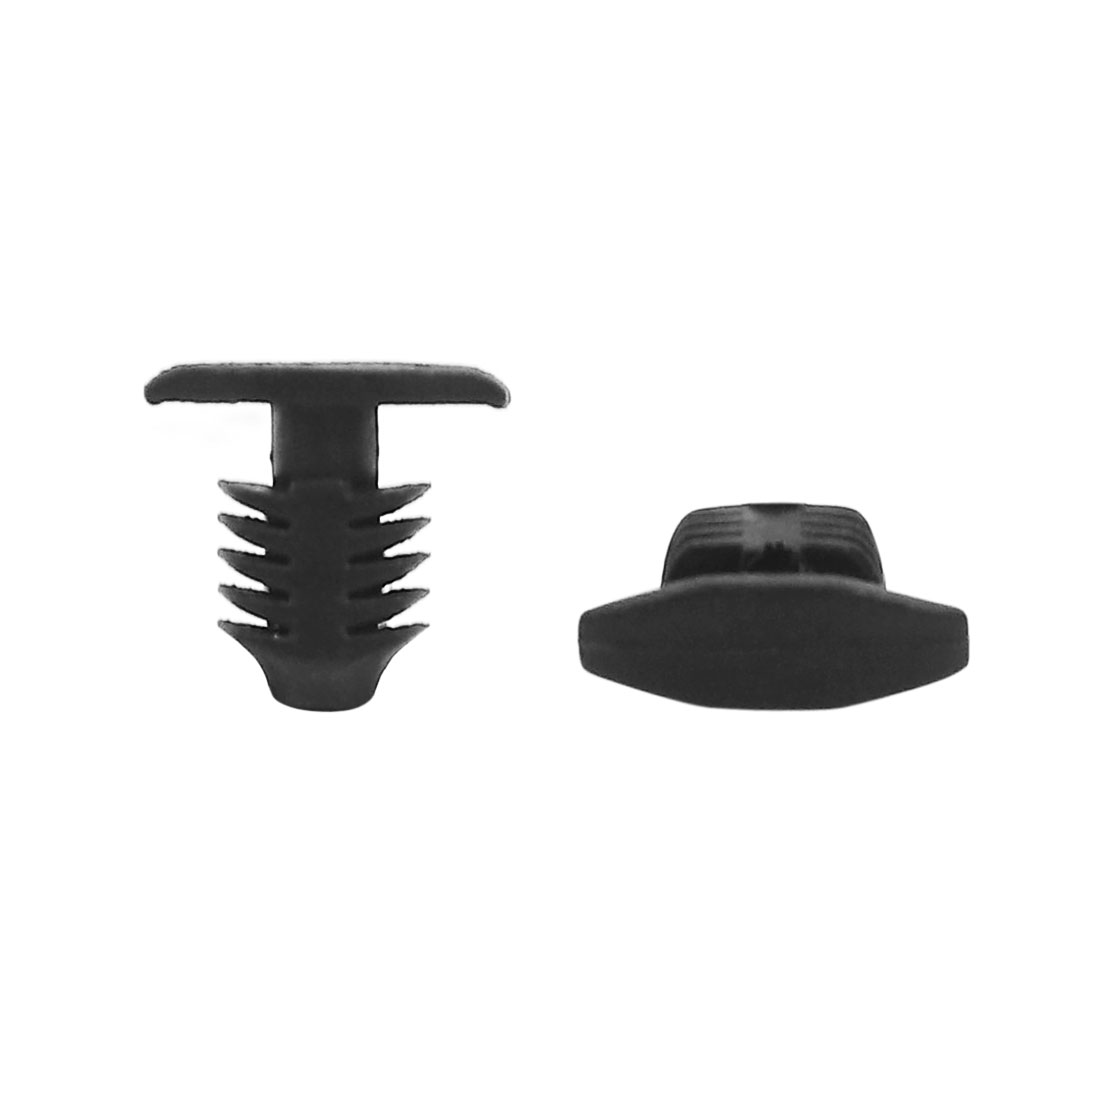 30pcs 7.5mm Hole Plastic Door Fender Bumper Push Rivets Clip for Car Vehicle